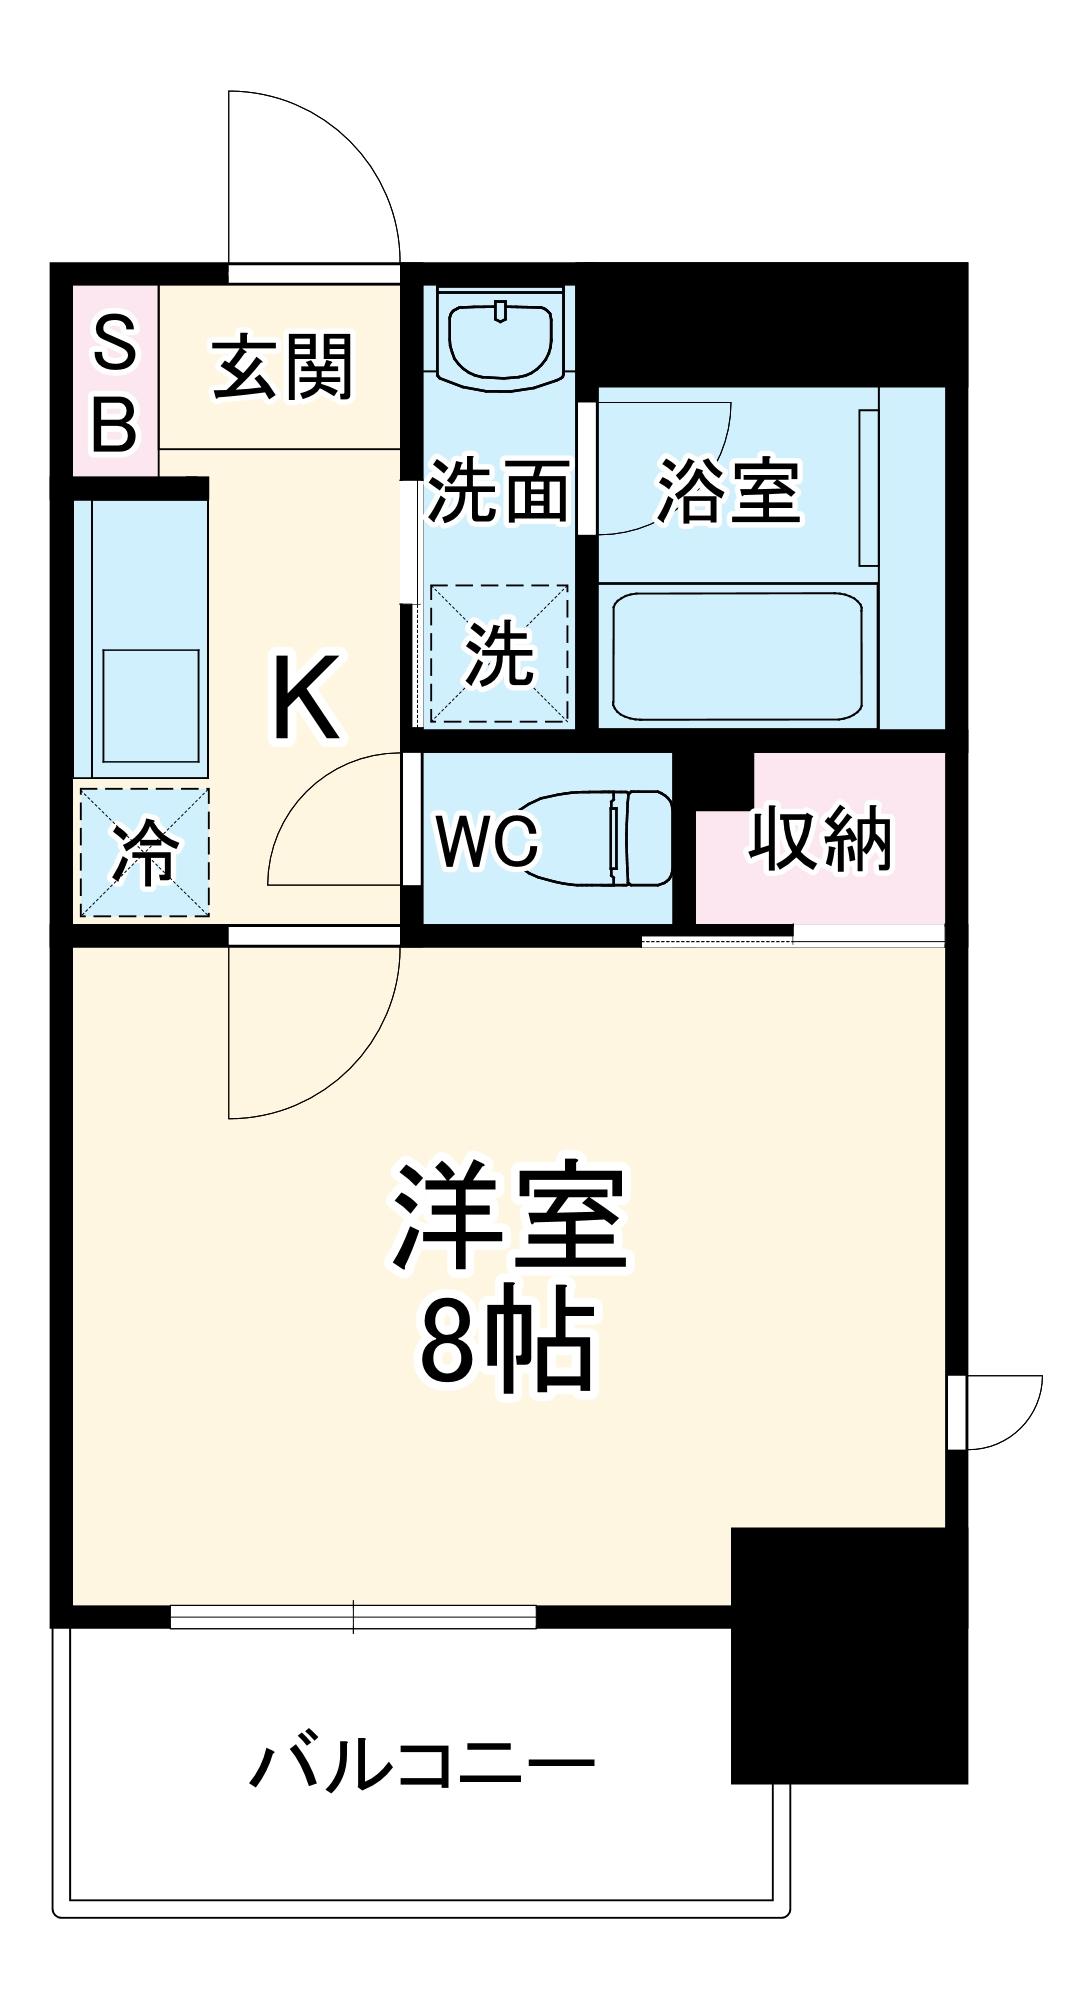 ヴィークブライト名古屋新栄 306号室の間取り